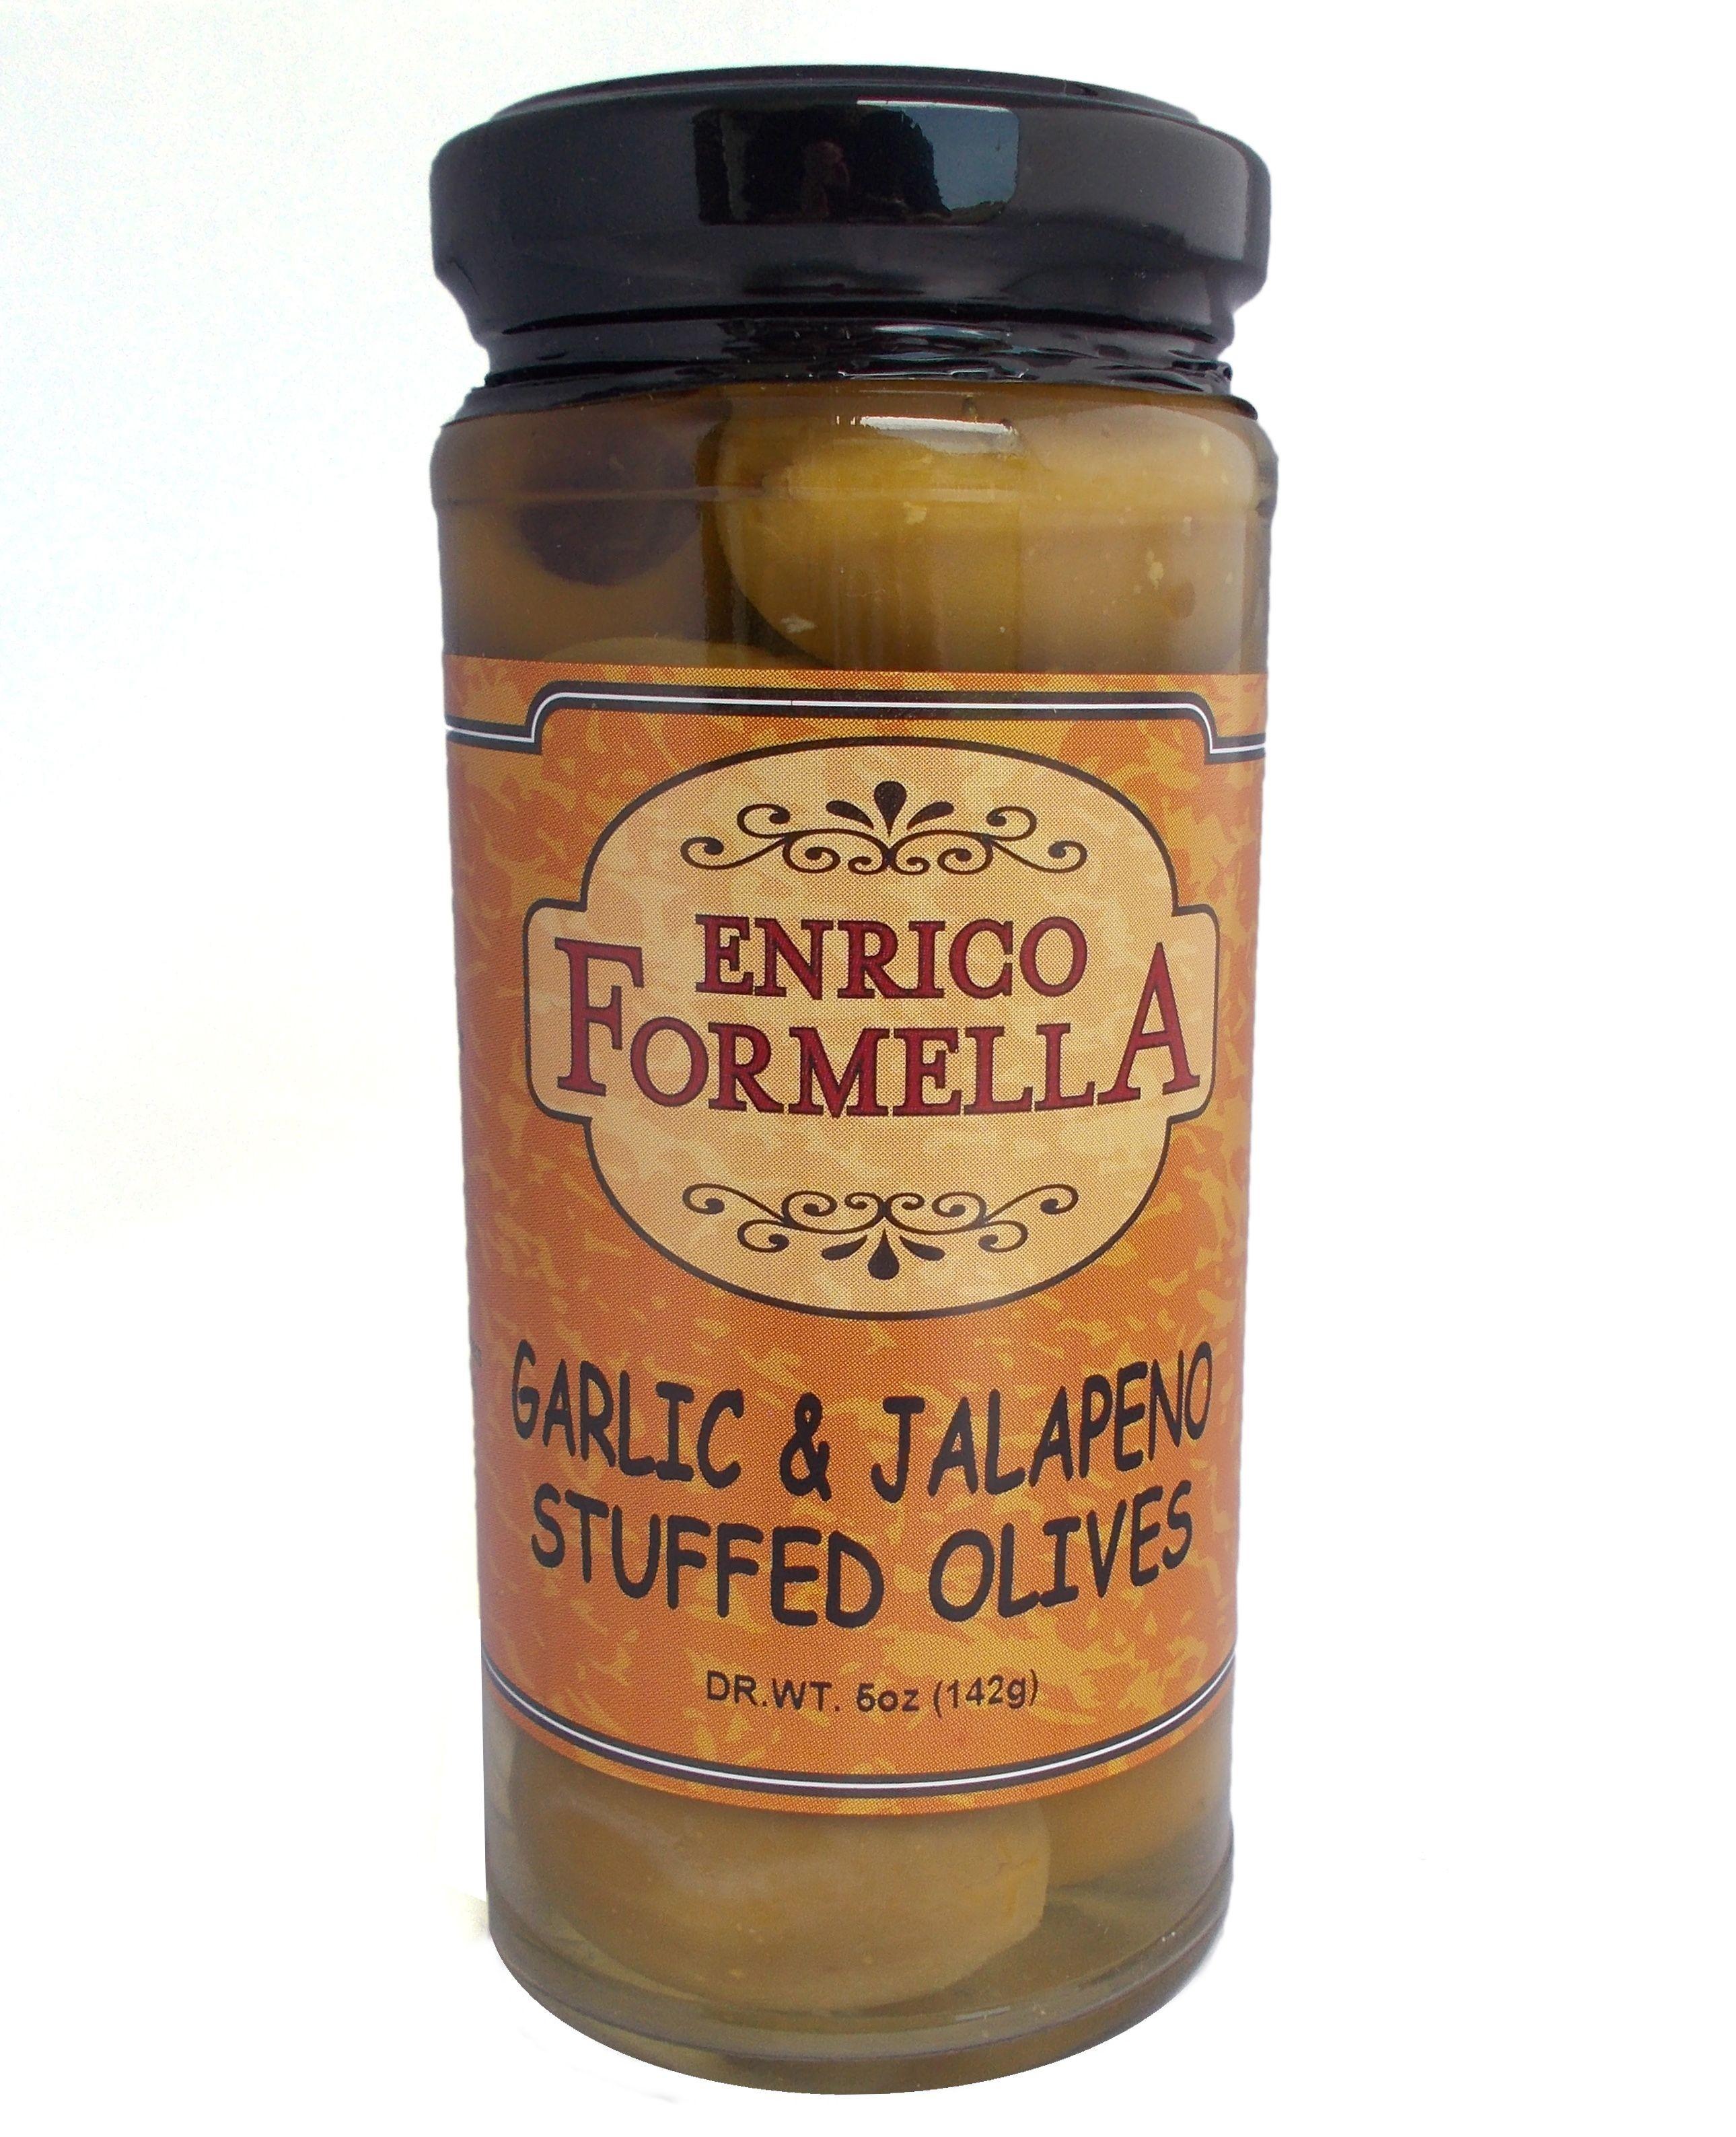 Garlic & Jalapeno Stuff Olives